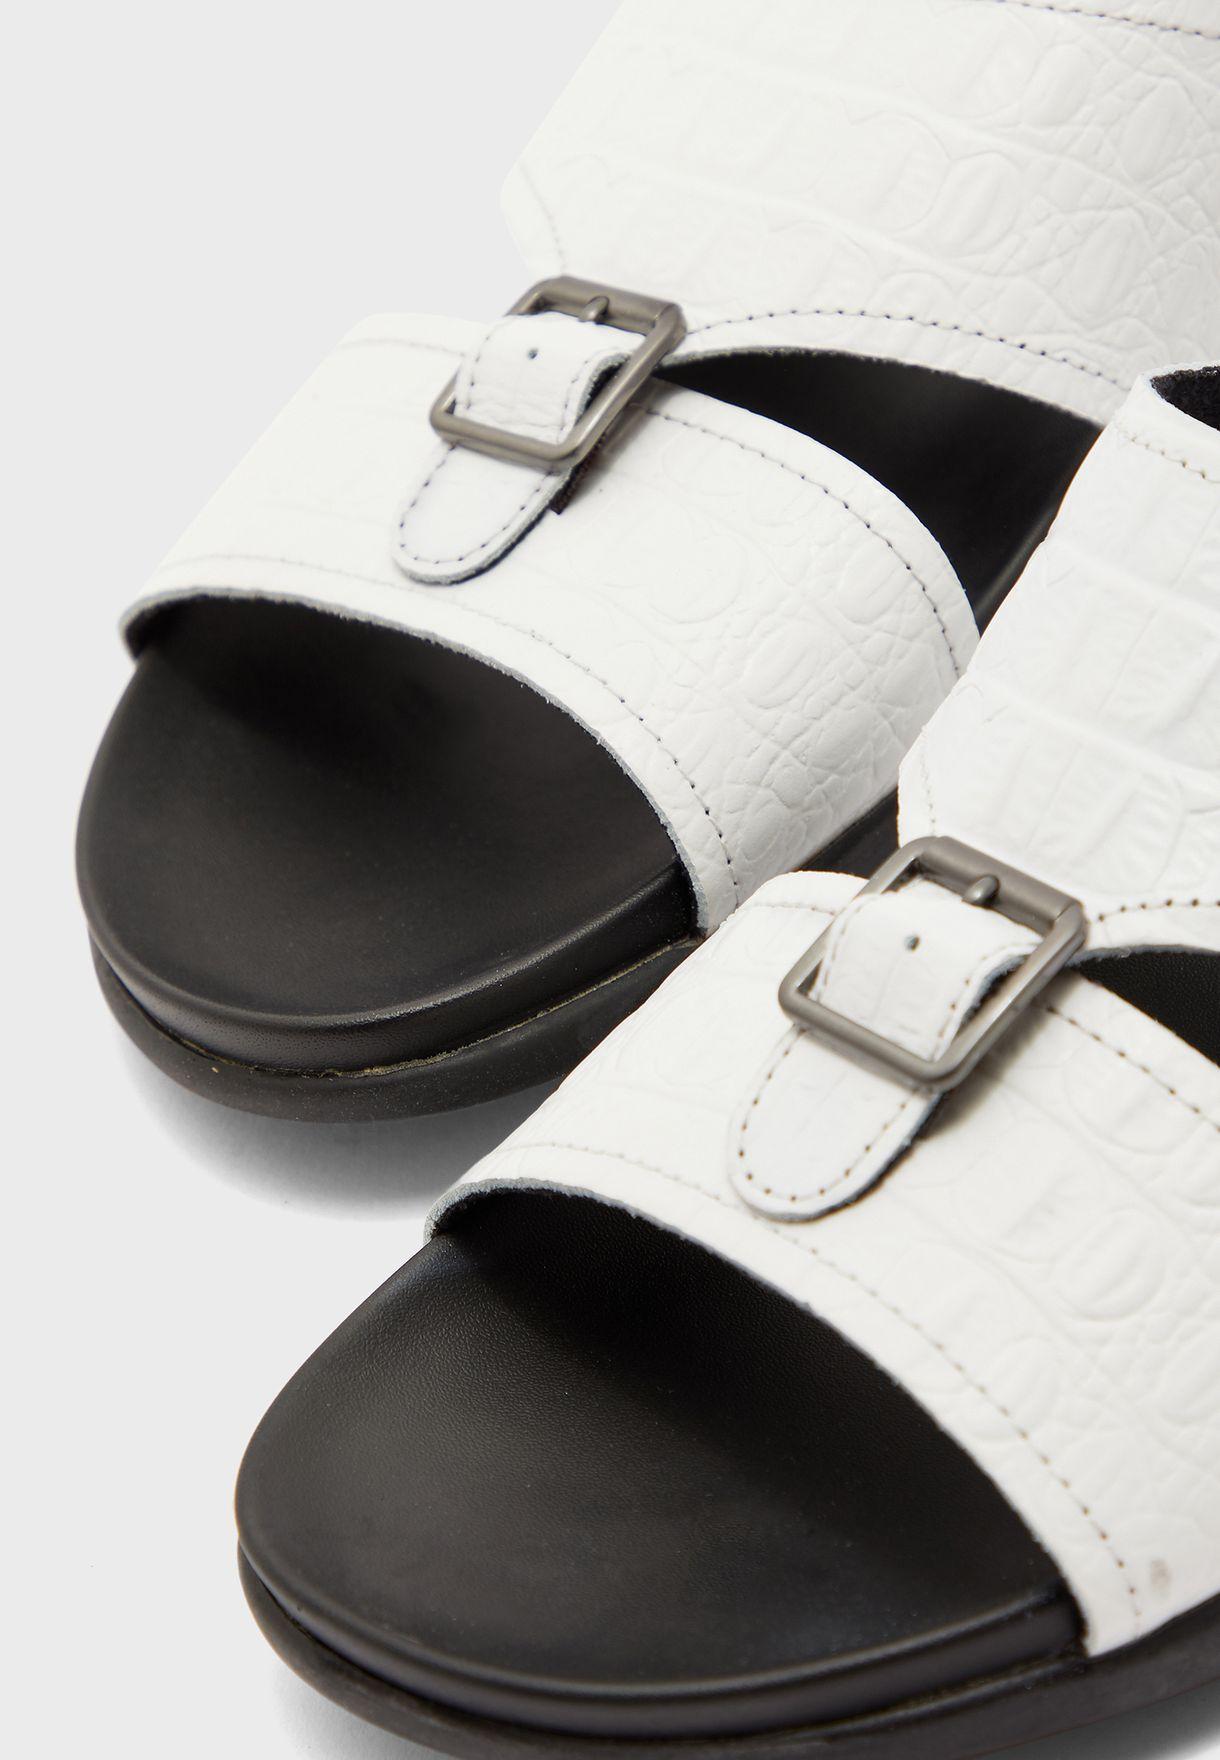 Edudien Double Strap Buckle Sandals